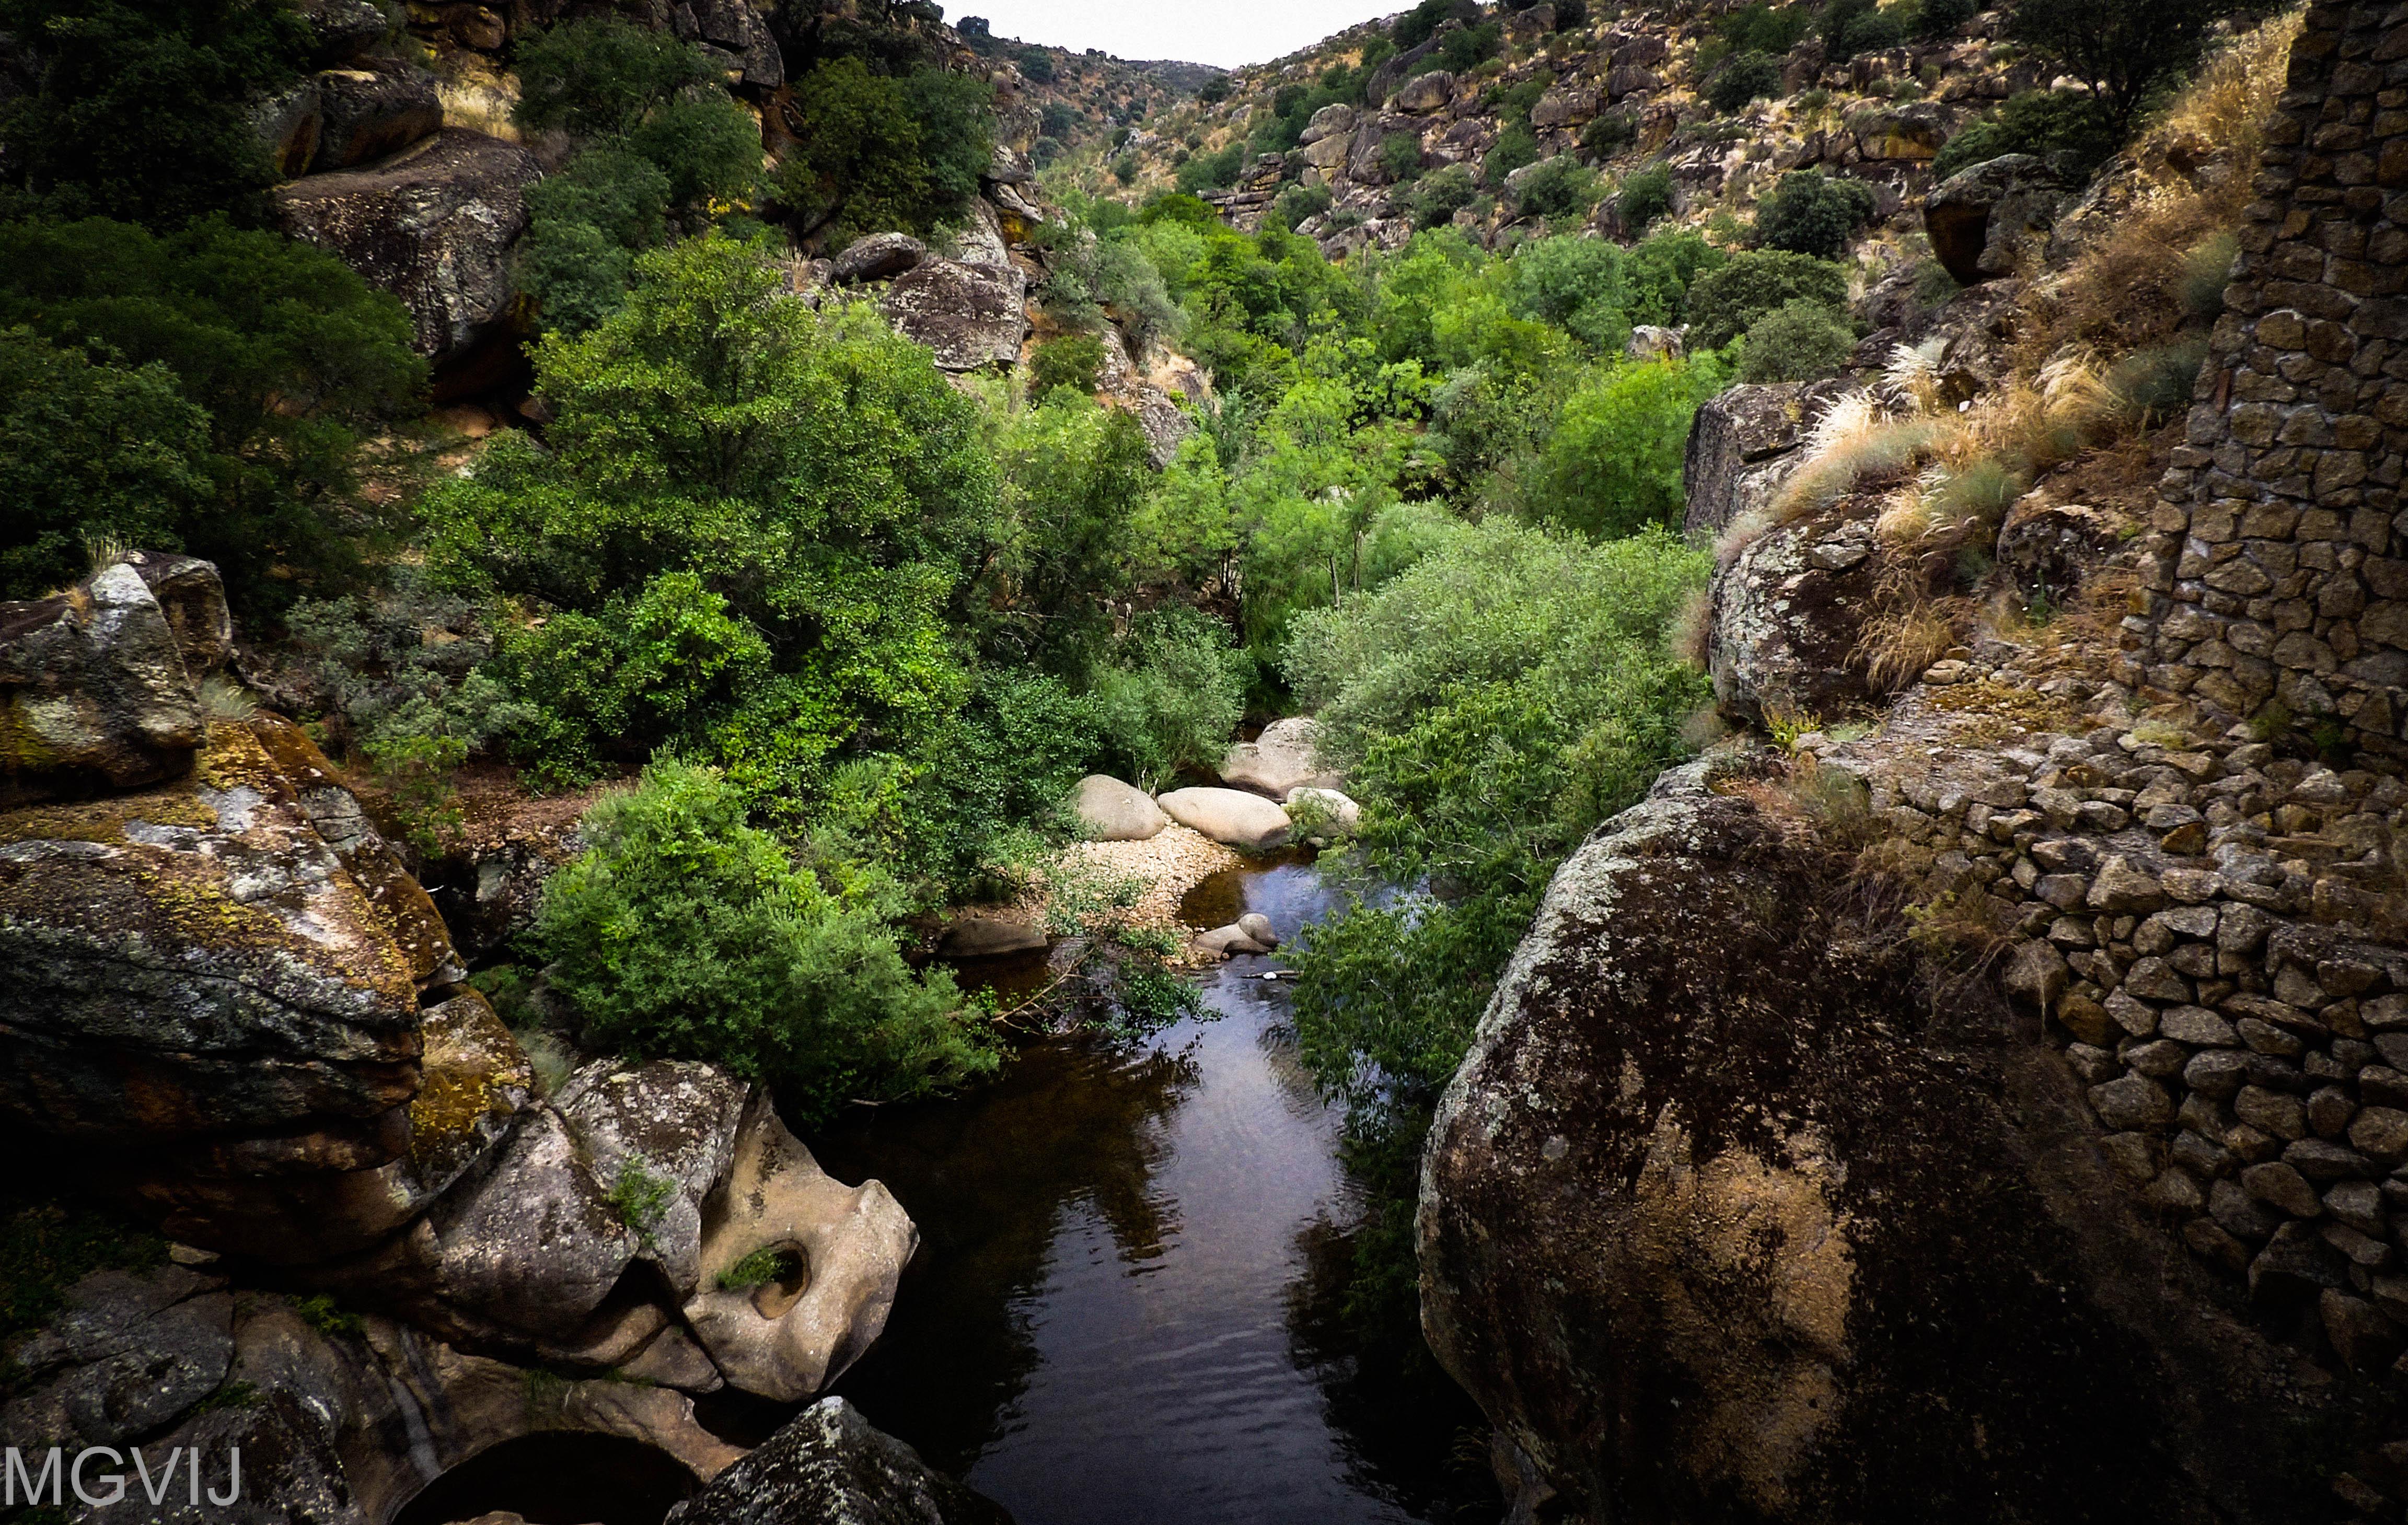 Río Ibor donde se encuentra el geositio Marmitas de Gigante situado en el Geoparque Villuercas Ibores Jara, muy cerca de Bohonal de Ibor